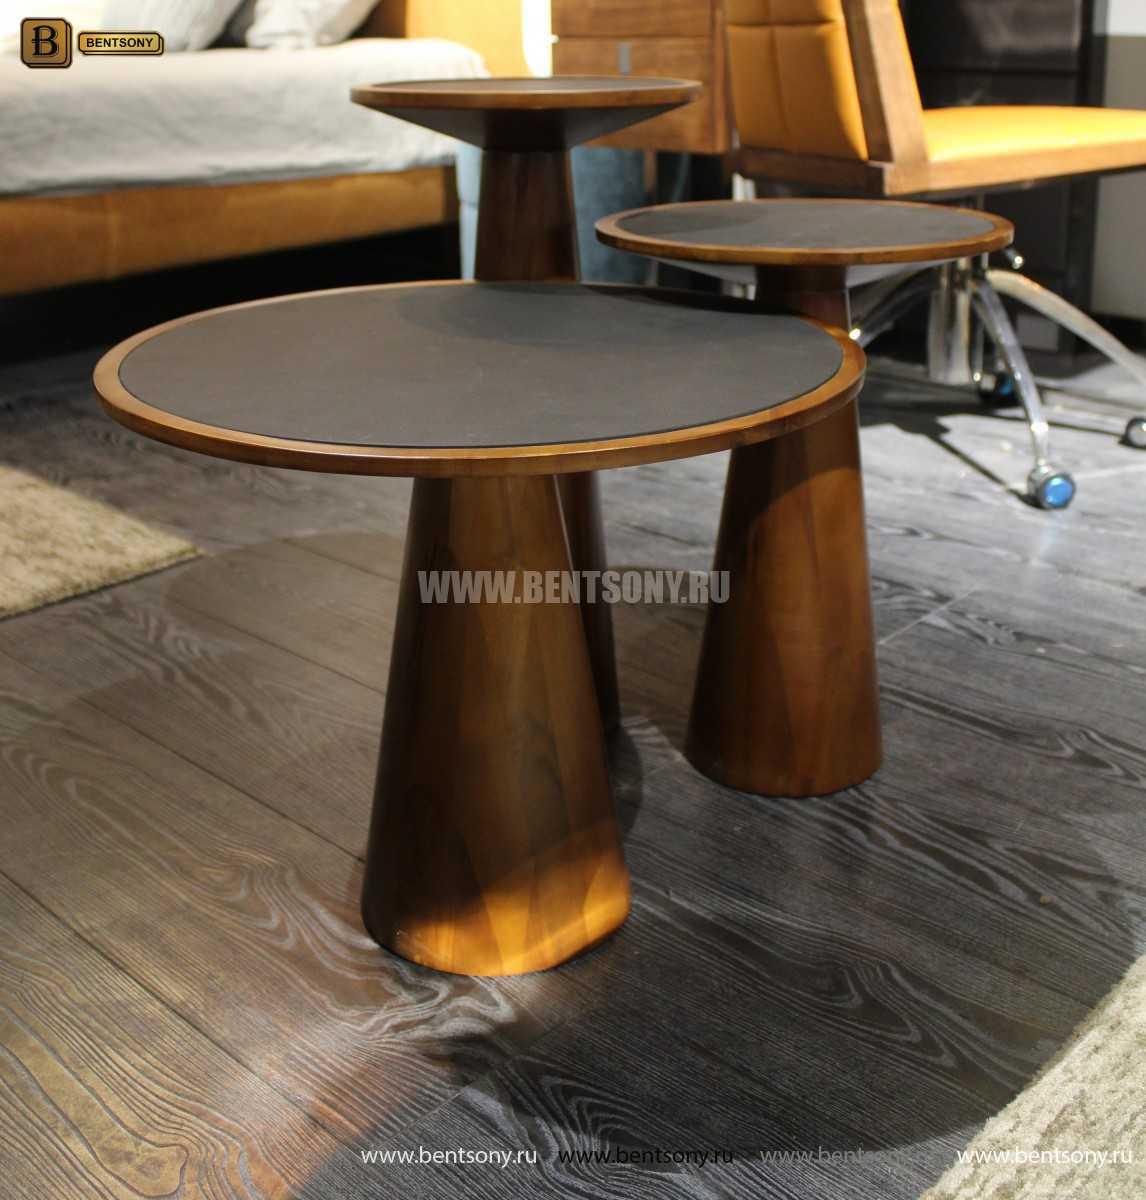 Деревянный приставной стол (Стеклянная столешница) цена